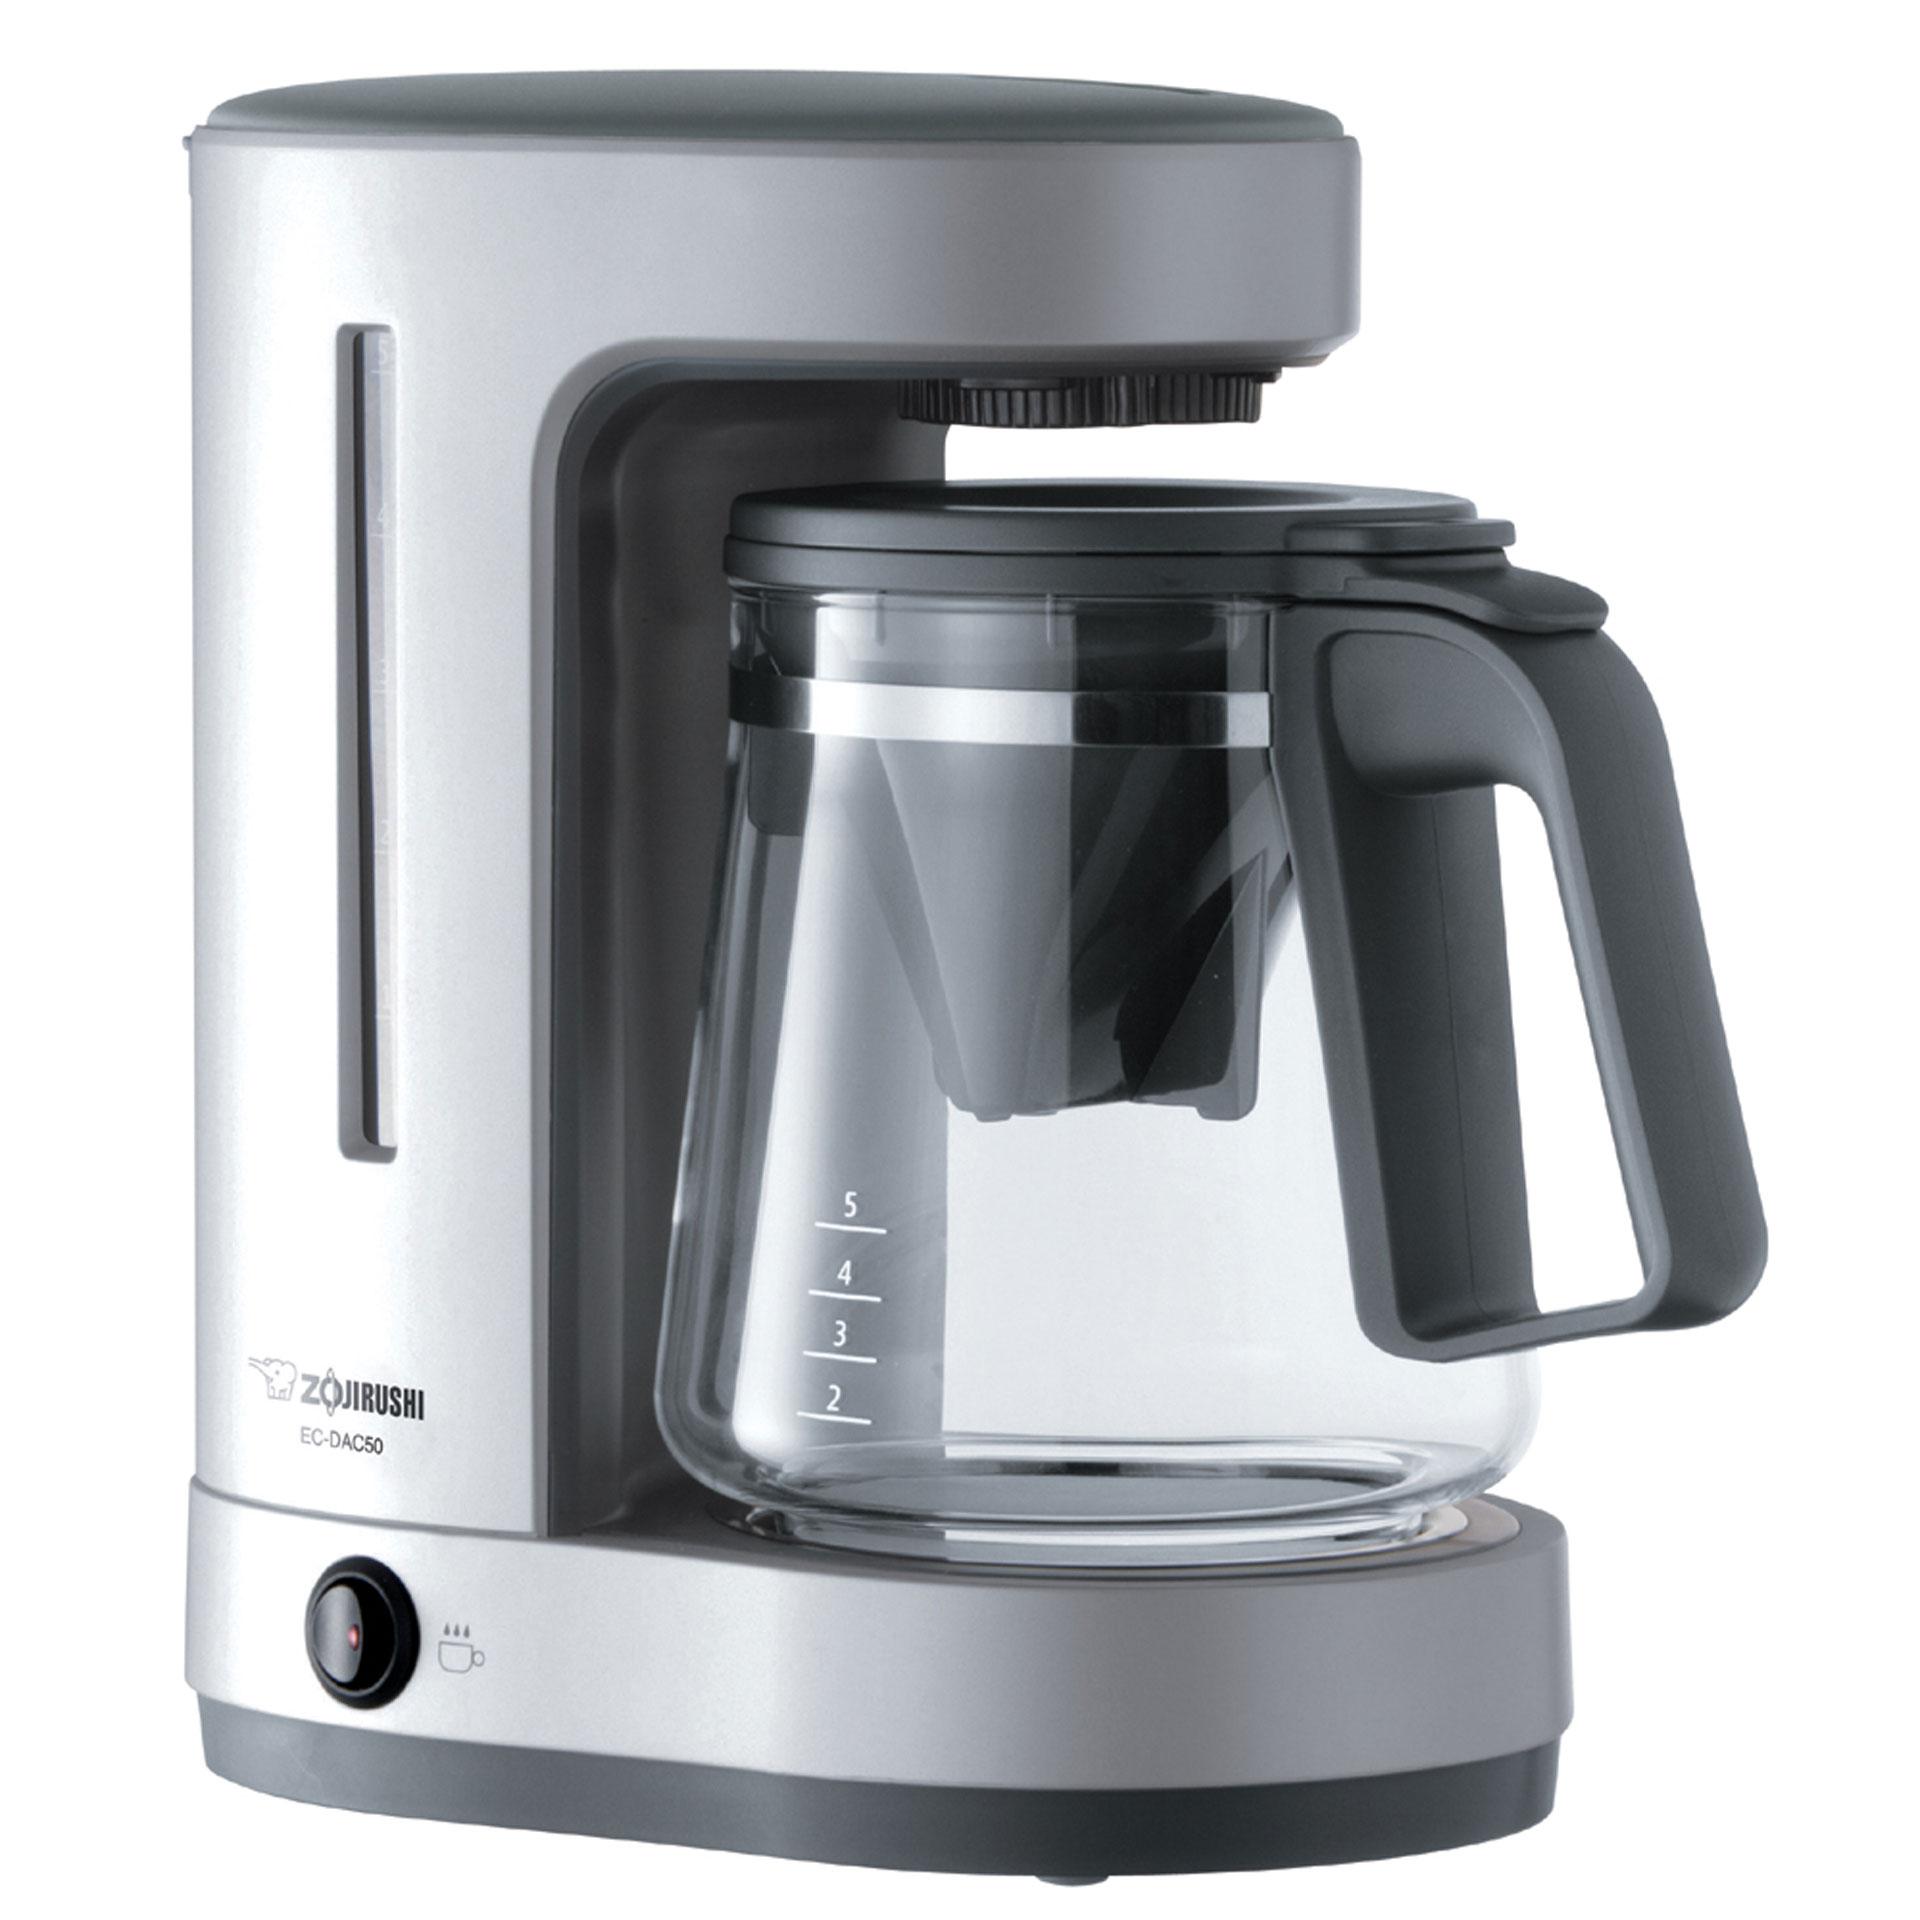 Zojirushi Coffee Maker Cleaning : Zojirushi ZUTTO Coffee Maker #EC-DAC50 Review